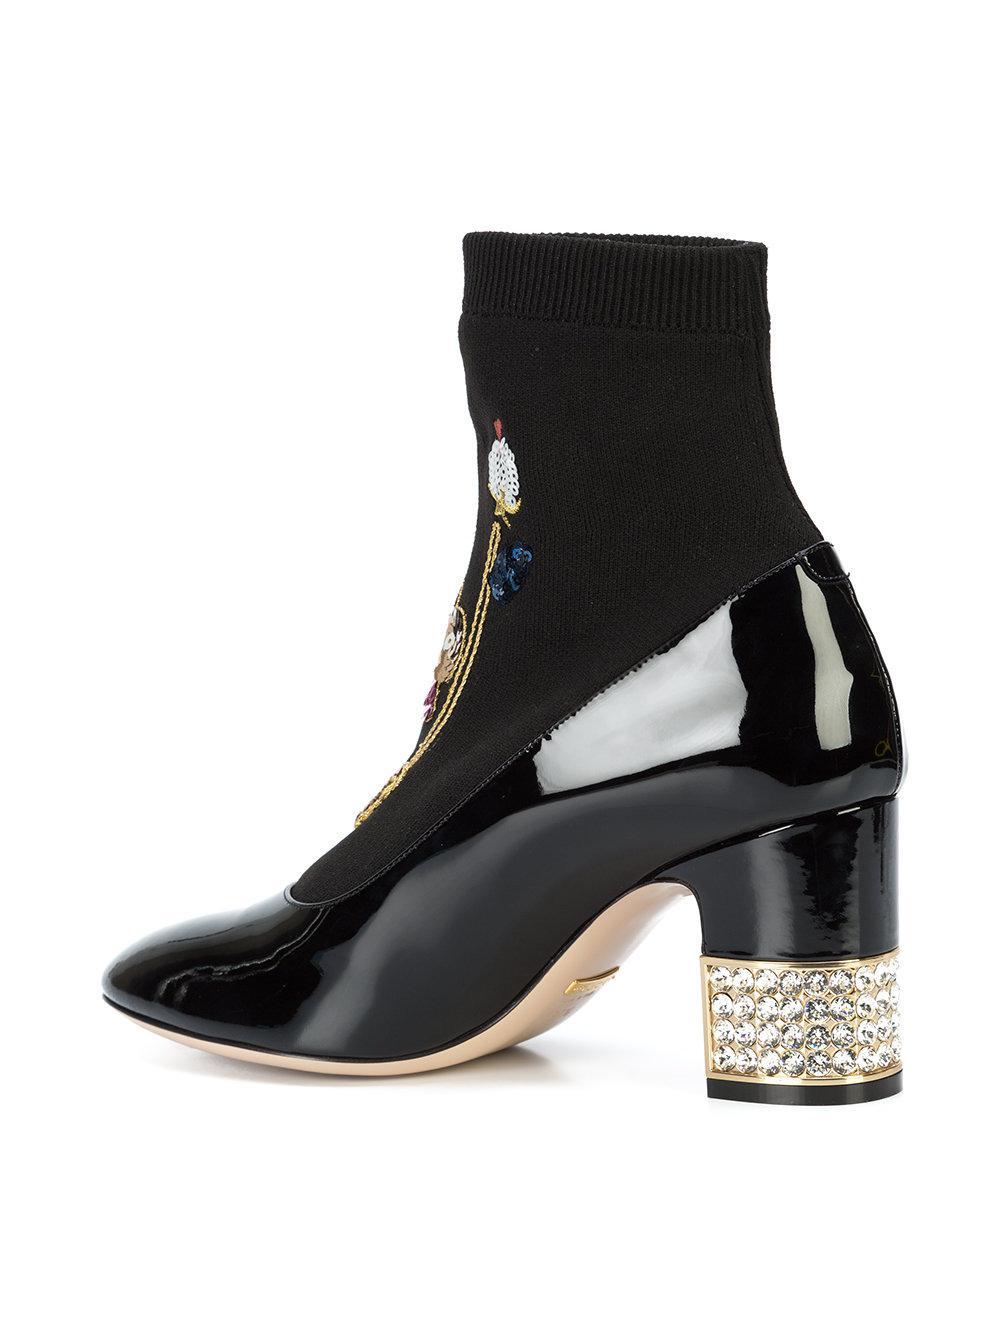 632dc1fe8 Lyst - Botines Candy bordados Gucci de color Negro